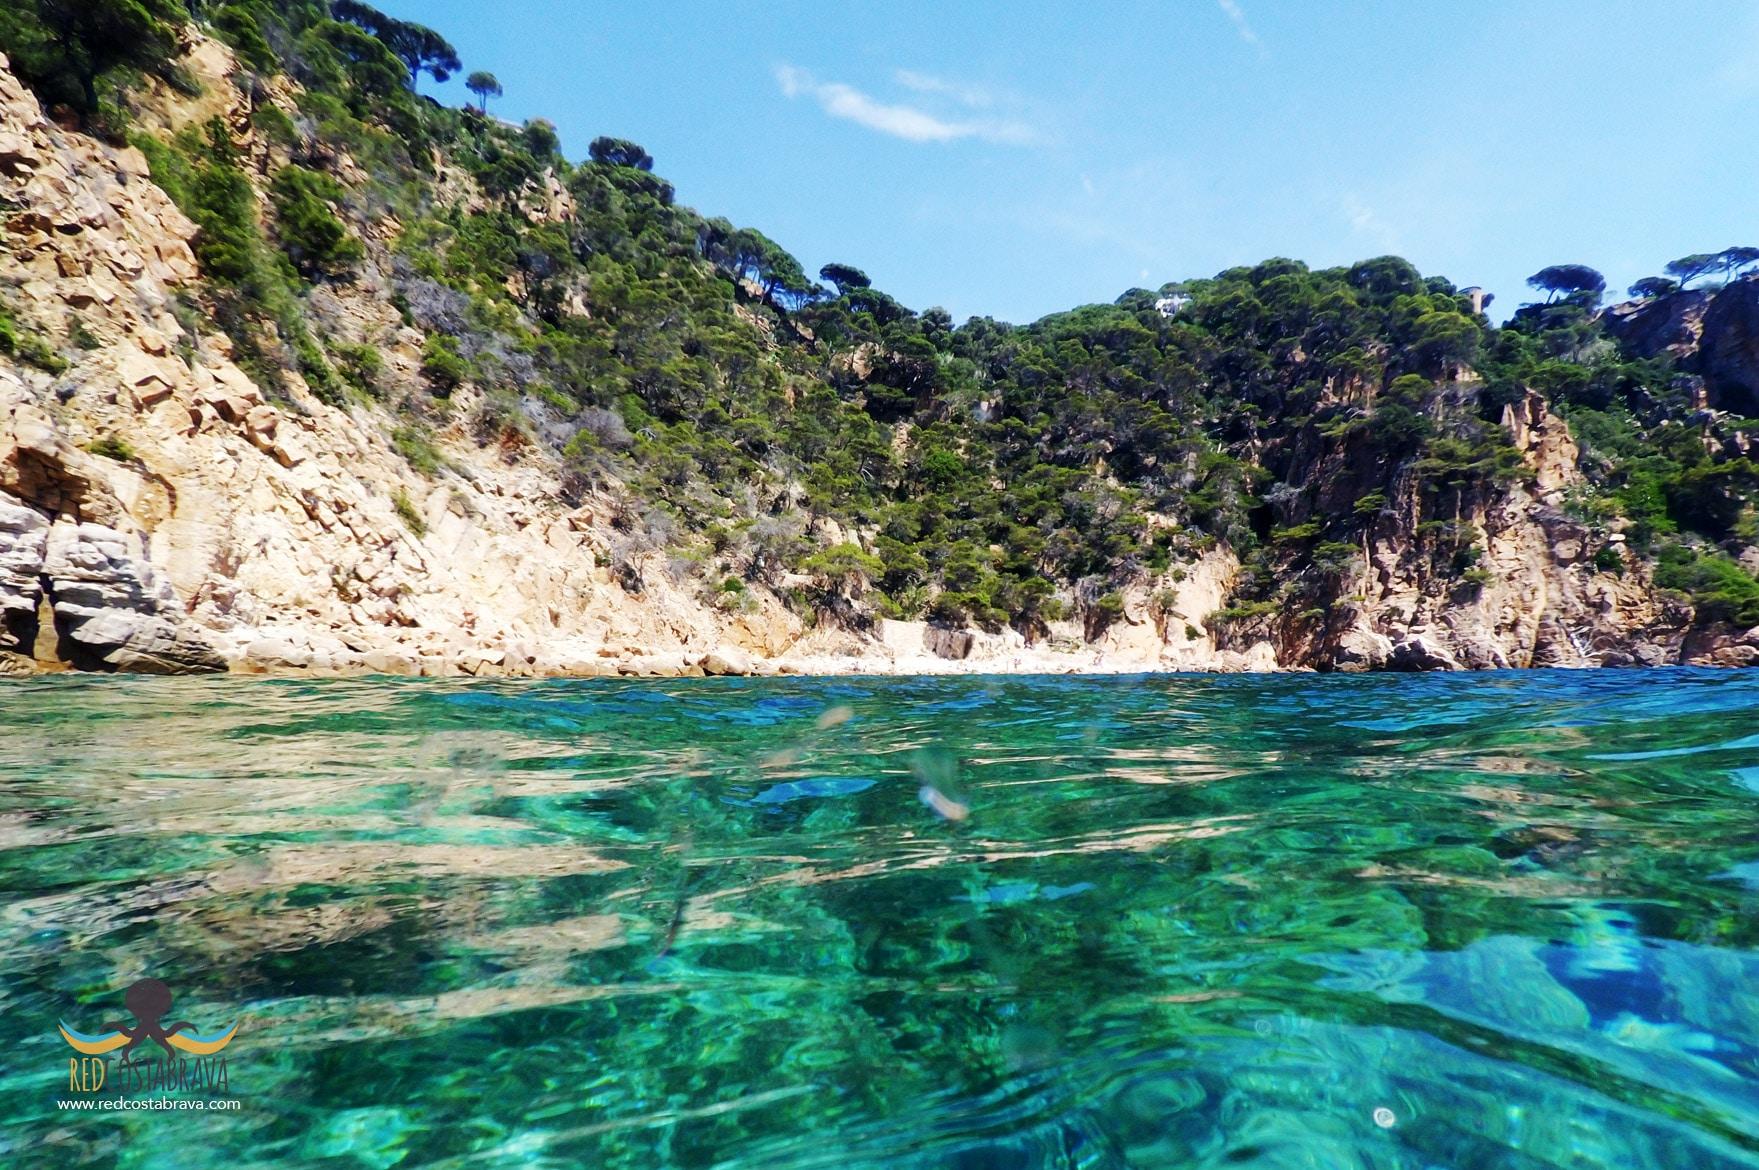 Costa Brava, descubre sus pueblos y playas 2